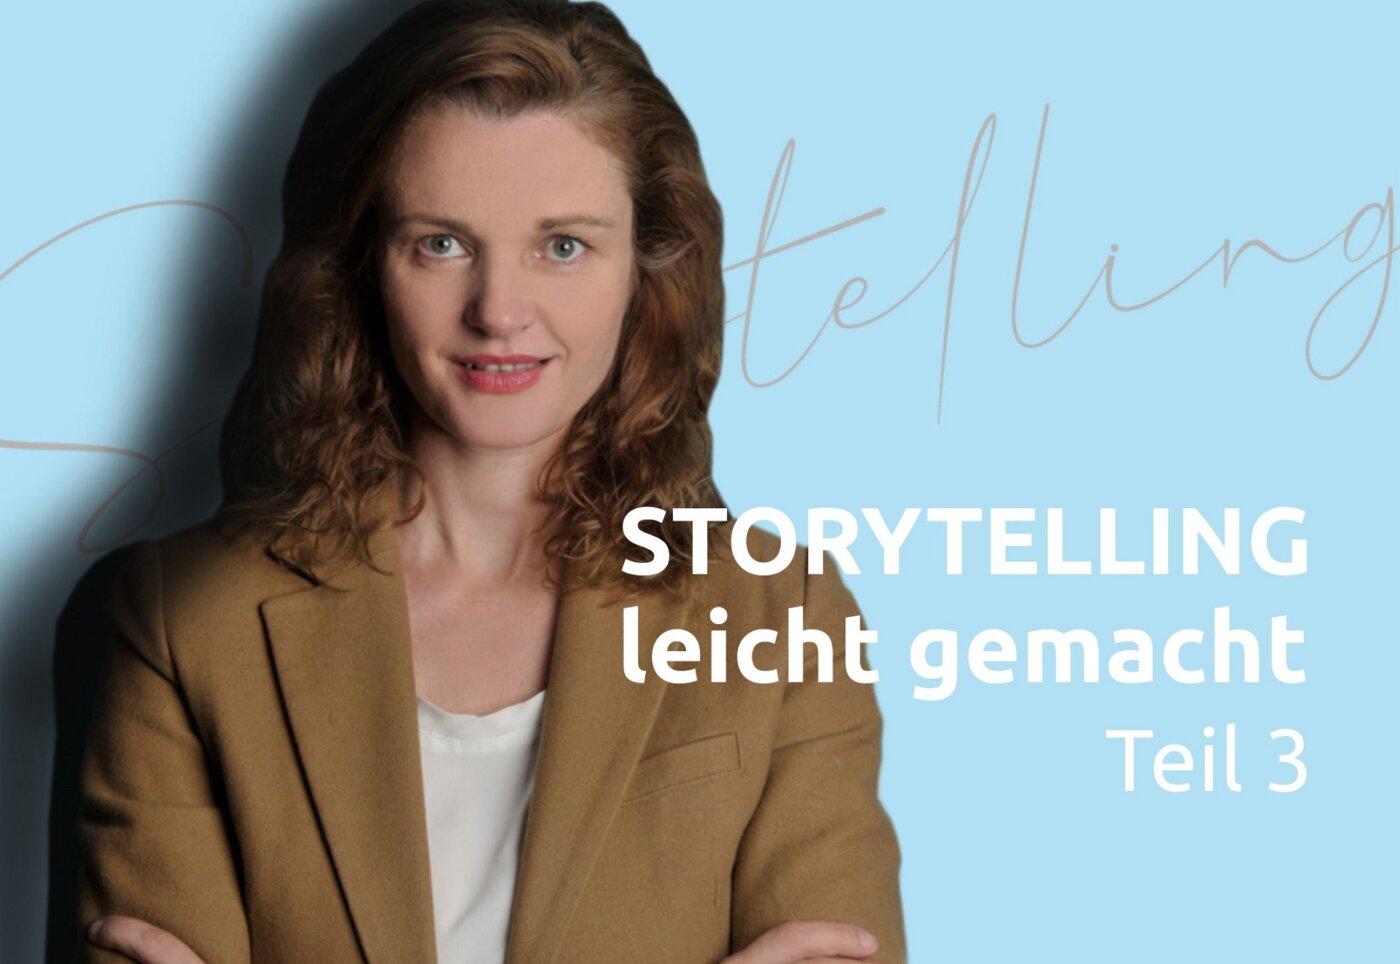 STORYTELLING LEICHT GEMACHT TEIL 3: HELDEN DES ALLTAGS UND GANZ VIEL EMOTION